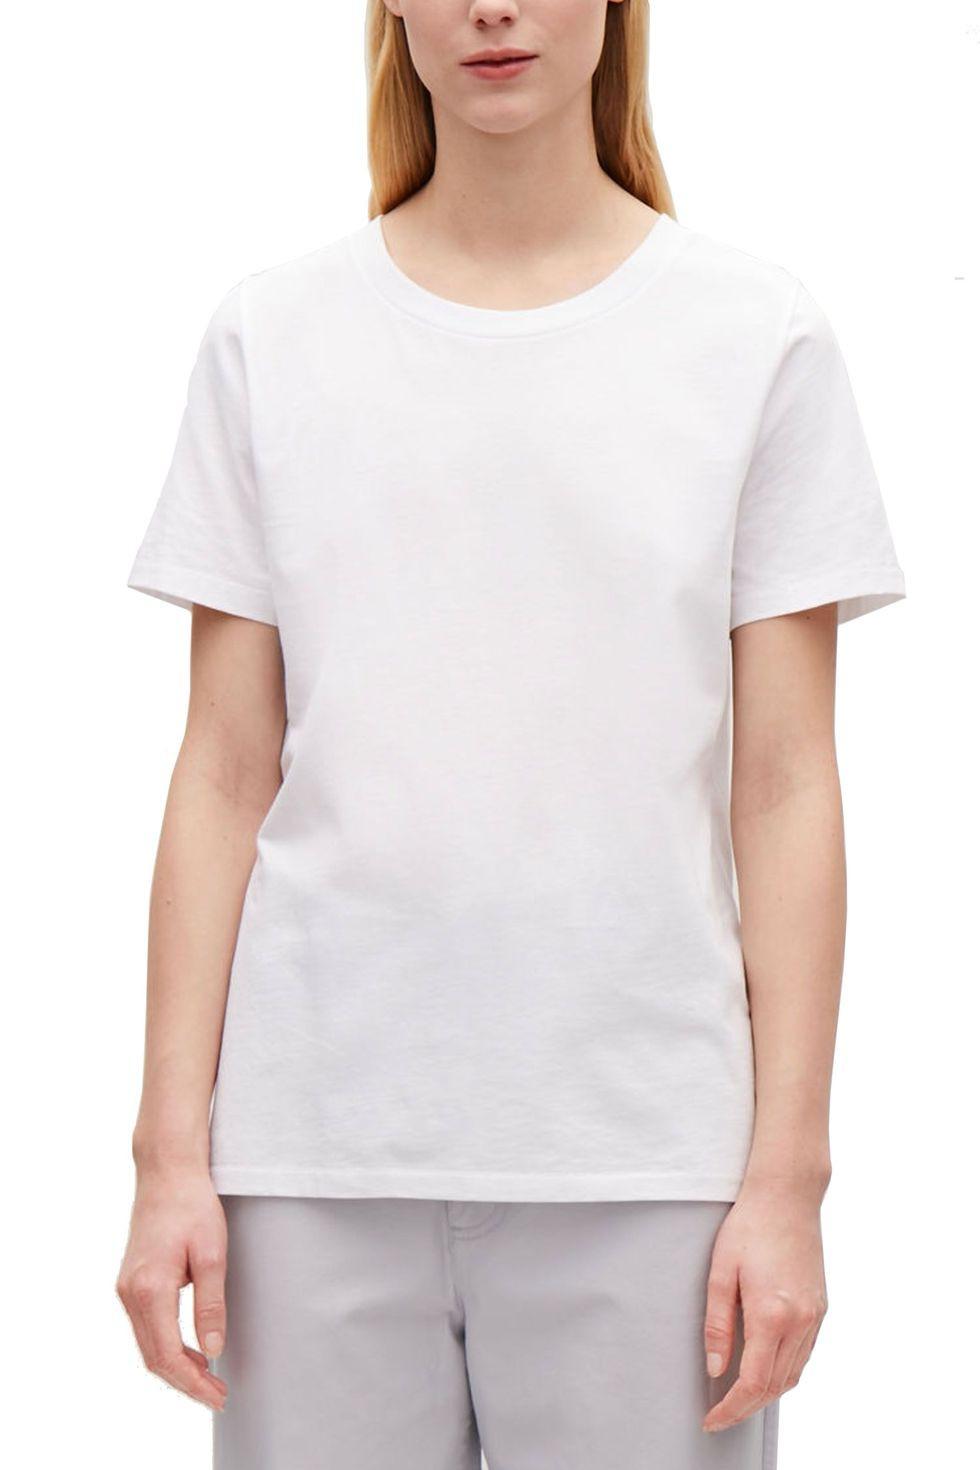 7 chiếc áo phông trắng được các BTV thời trang đánh giá là hoàn hảo, trong đó có chiếc chỉ hơn 200k - Ảnh 1.